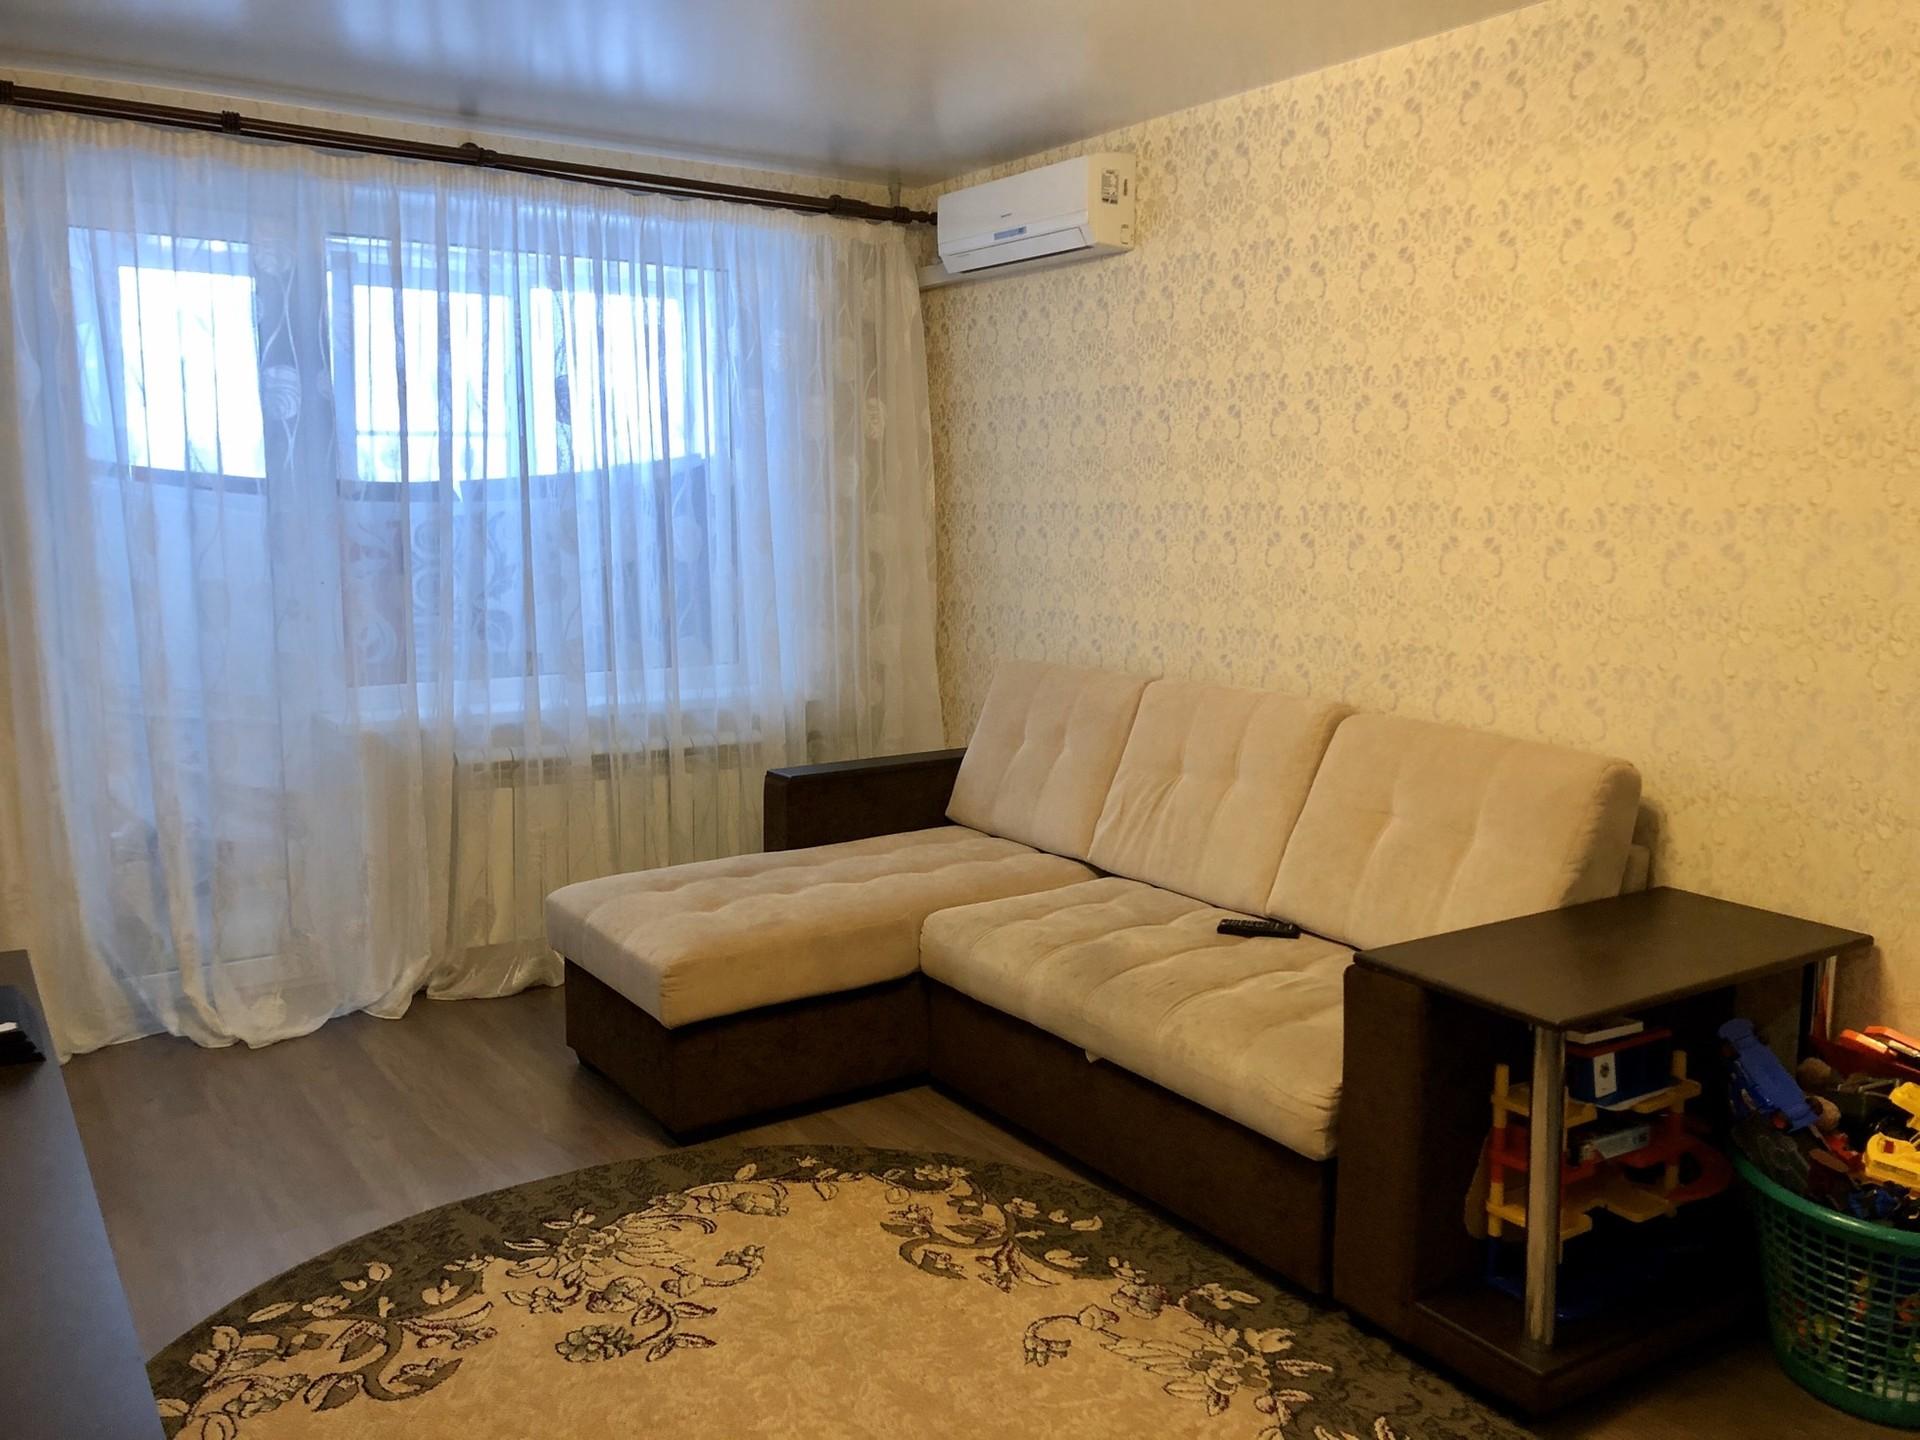 Дизайн квартиры выкса фото стоит